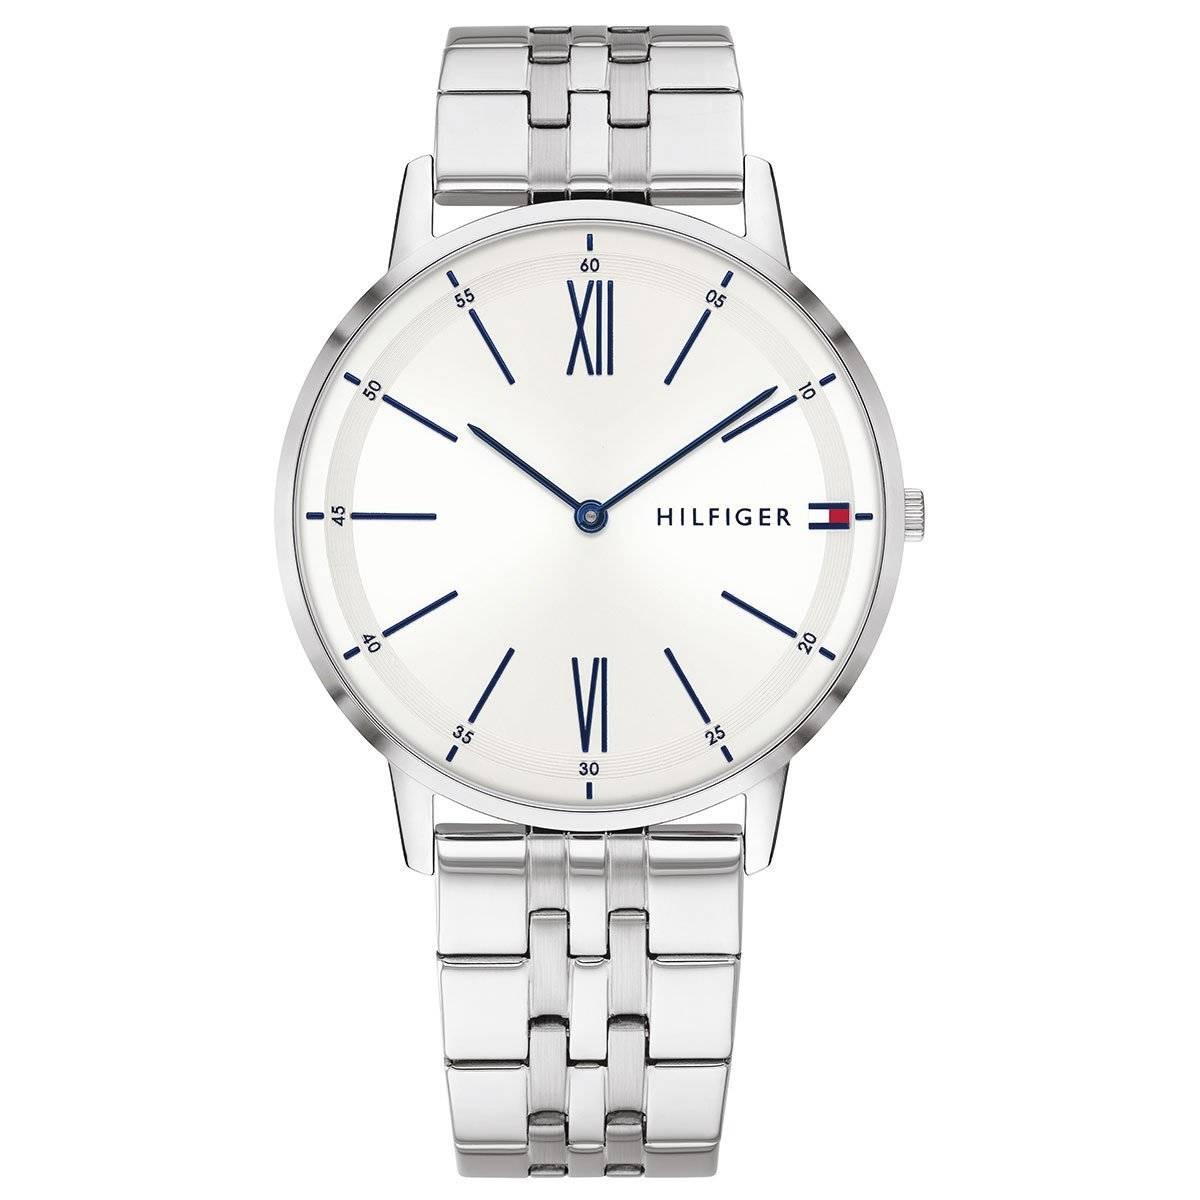 bf32184cea14 reloj de hombre clásico tommy hilfiger extra chato 1791511. Cargando zoom.